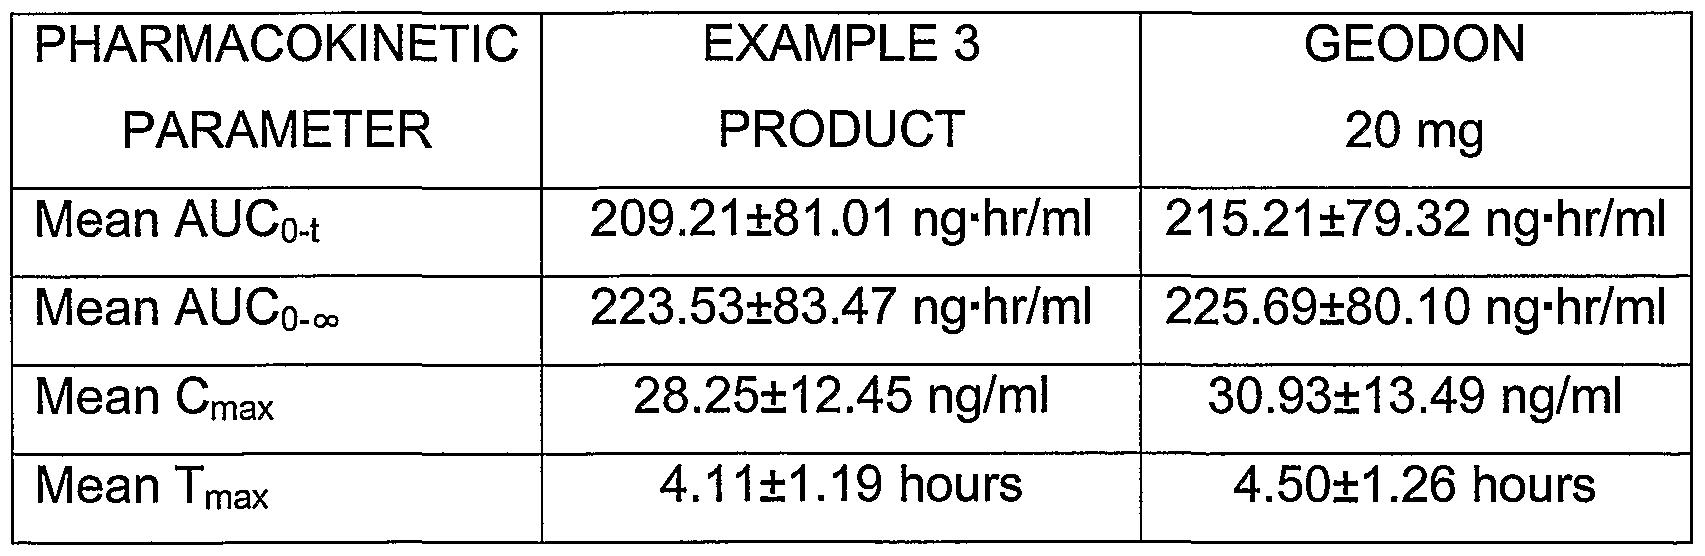 Ziprasidone Dosage Forms